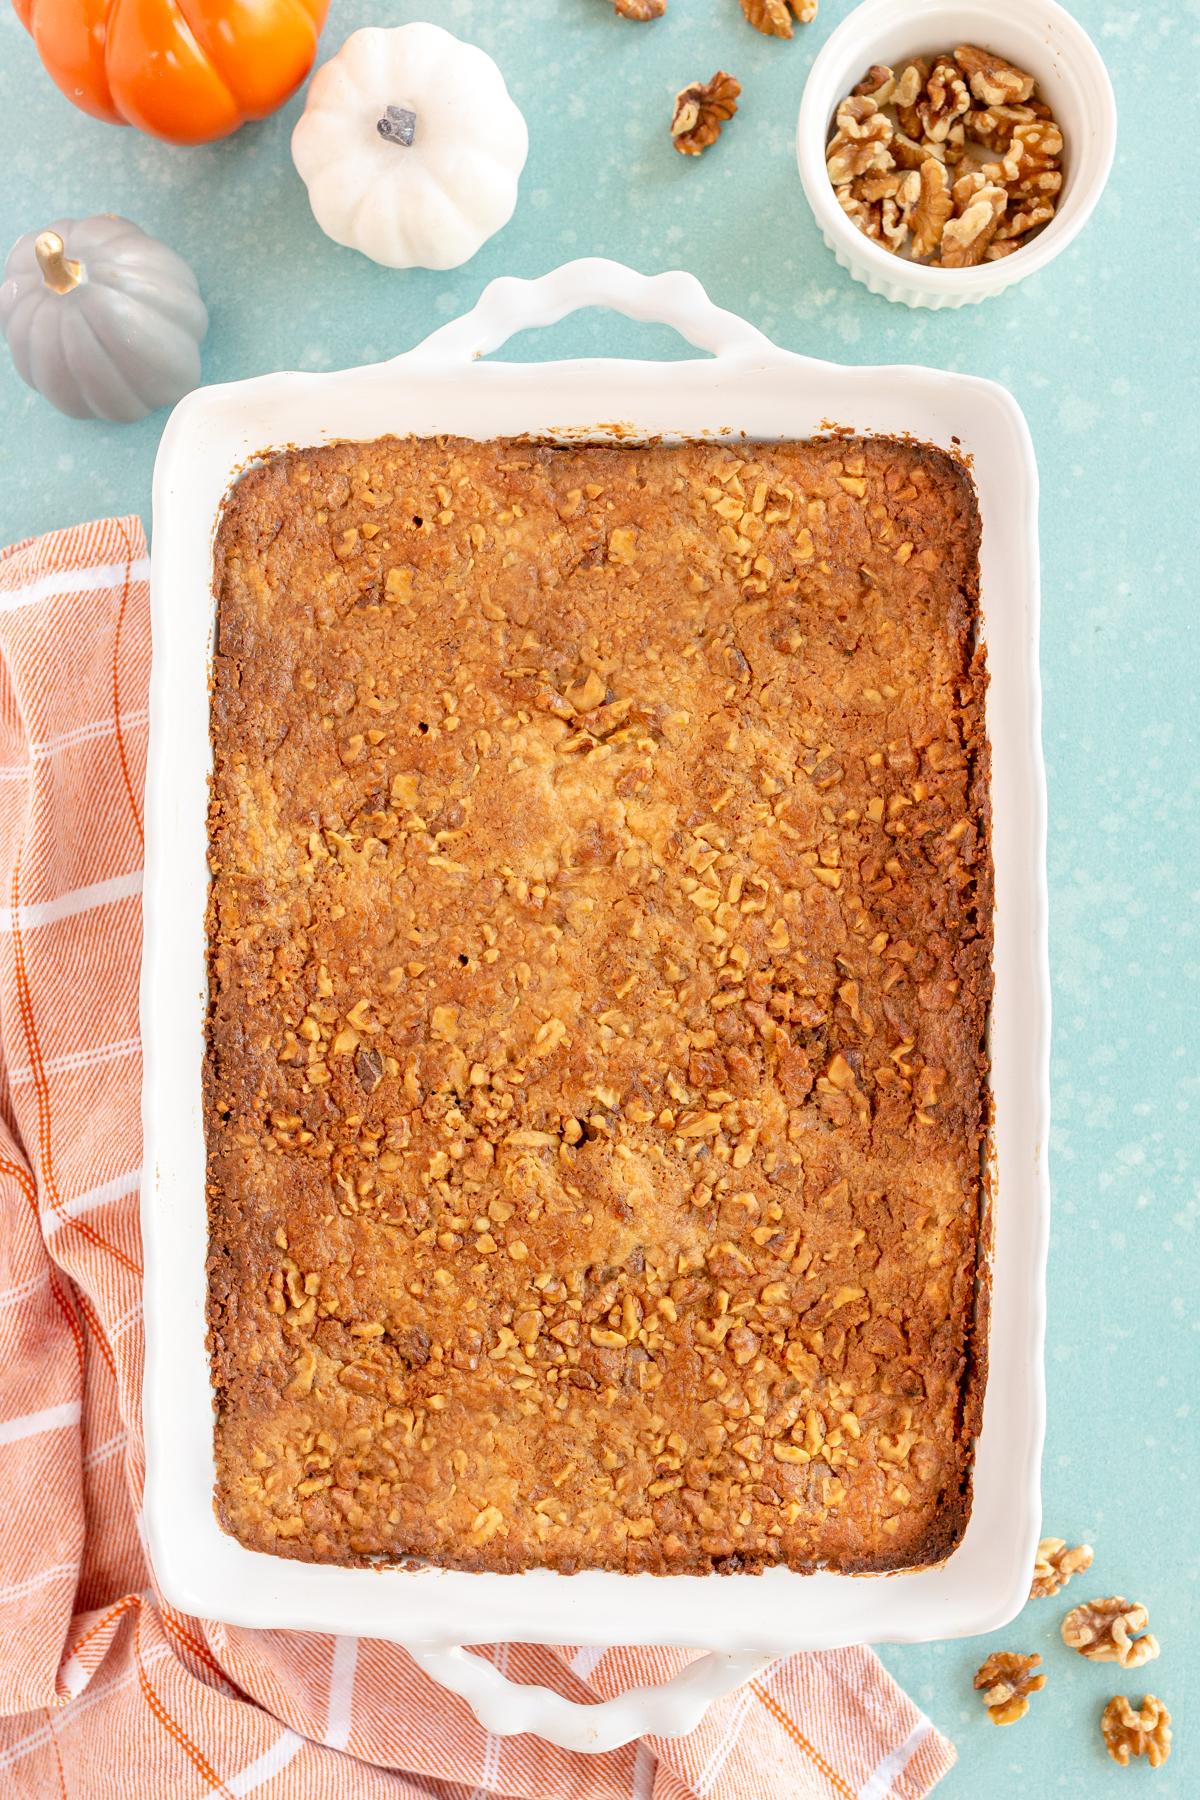 baked pumpkin crunch cake in a pan